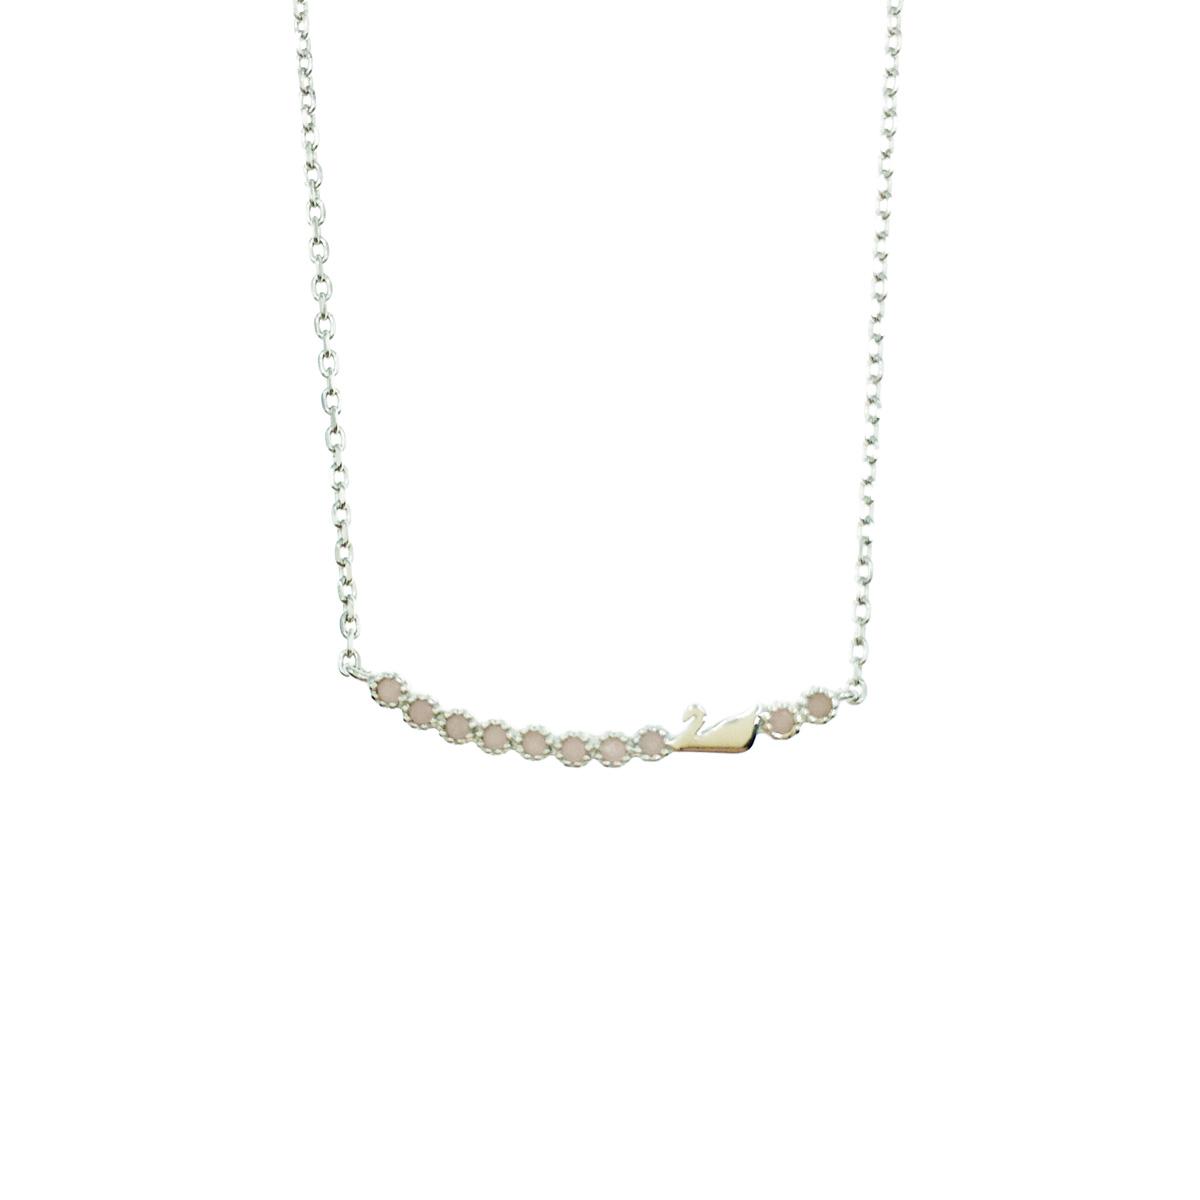 韓國 925純銀 粉鑽排排站 天鵝 低調水鑽簡約質感 項鍊